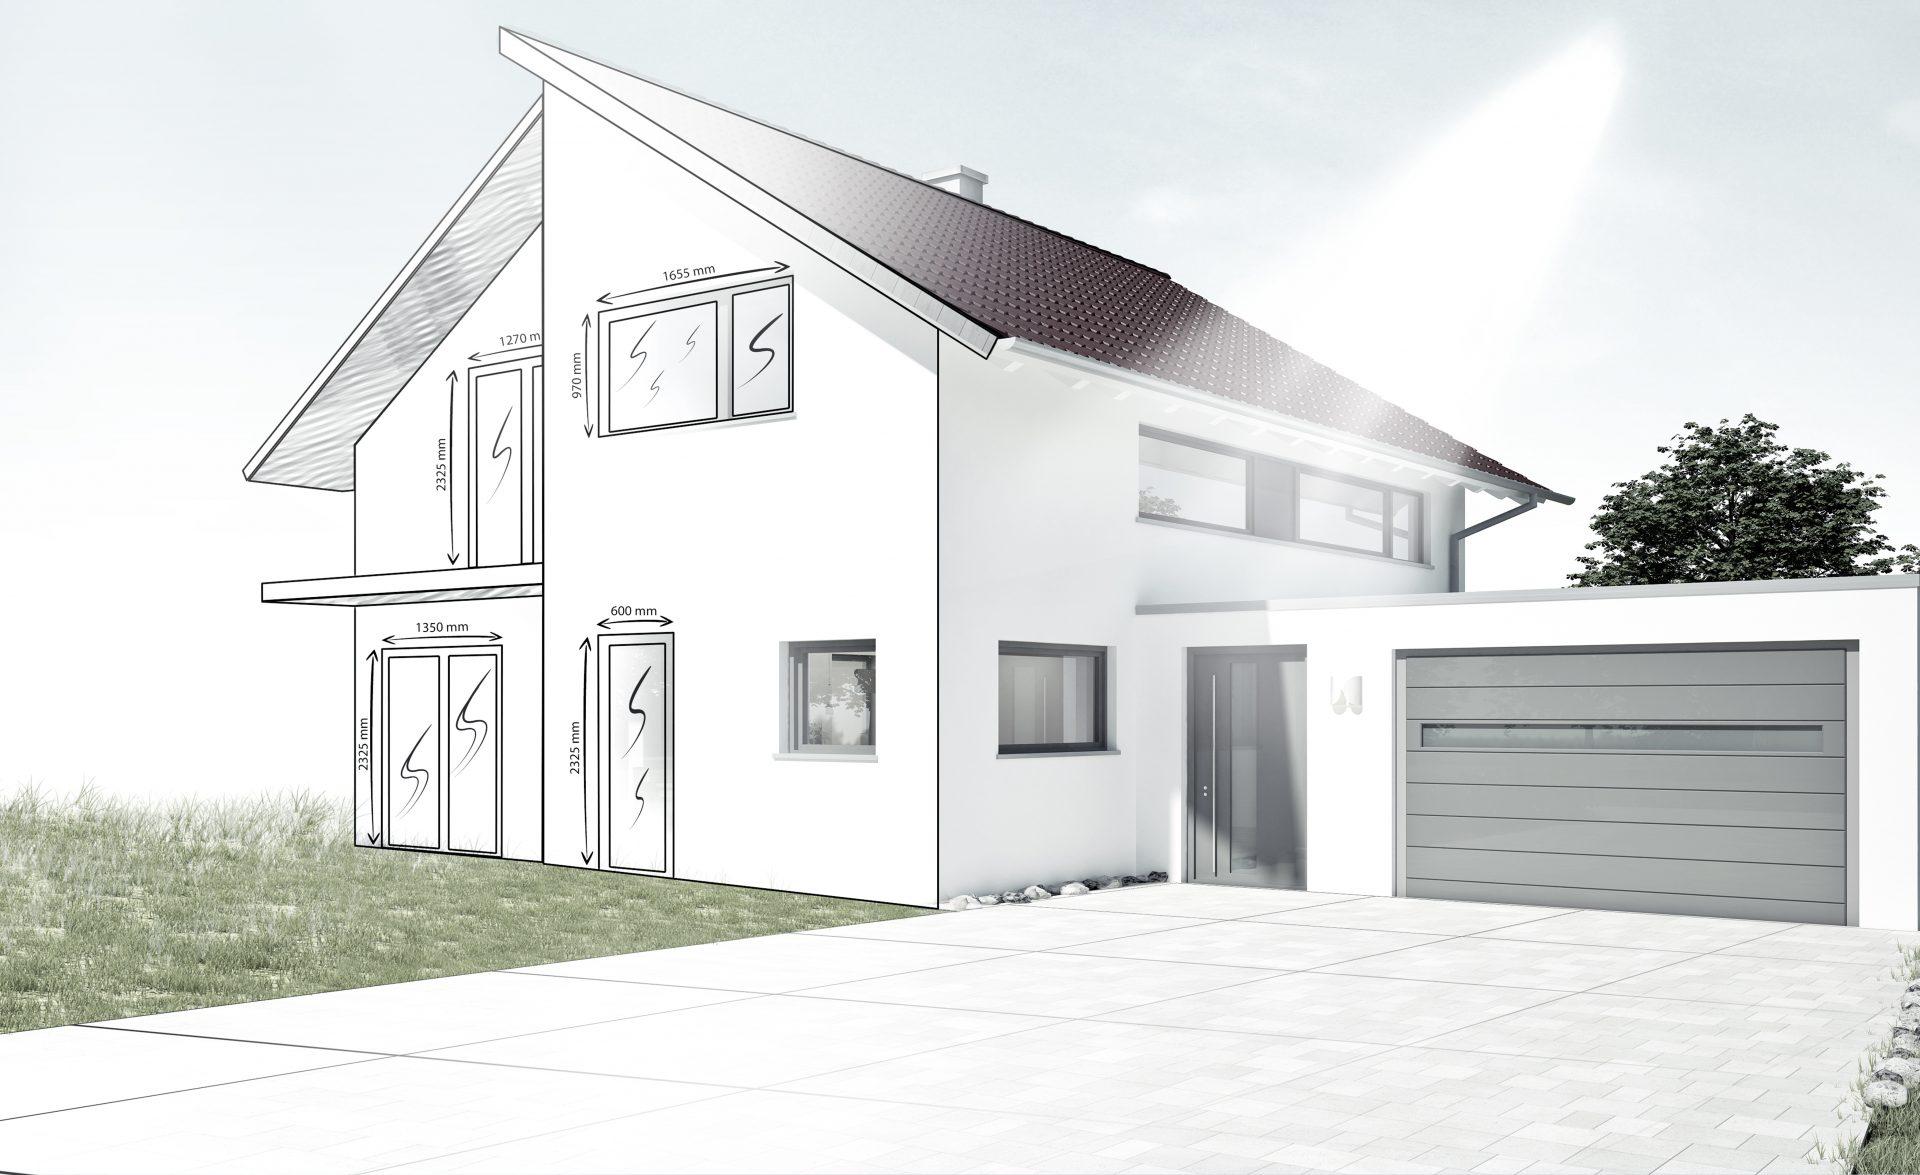 fenster und haust ren kaufen dortmund kunststofffenster bis zu 30. Black Bedroom Furniture Sets. Home Design Ideas